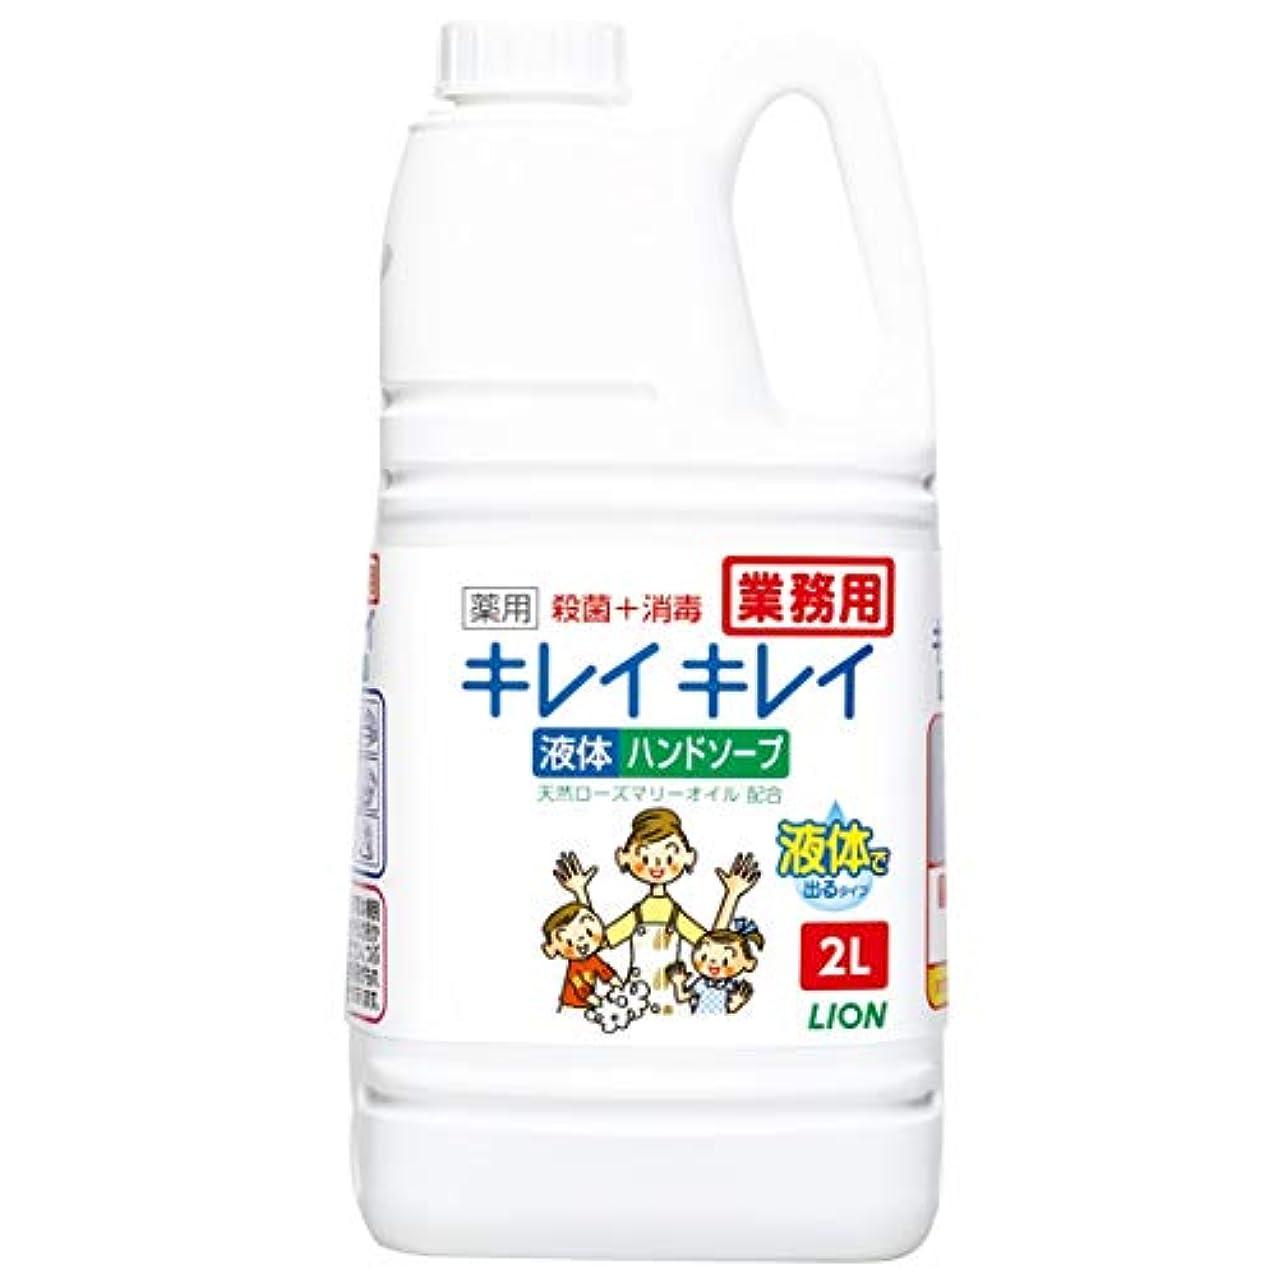 歩き回る居眠りする夫【業務用 大容量】キレイキレイ 薬用 ハンドソープ 2L(医薬部外品)